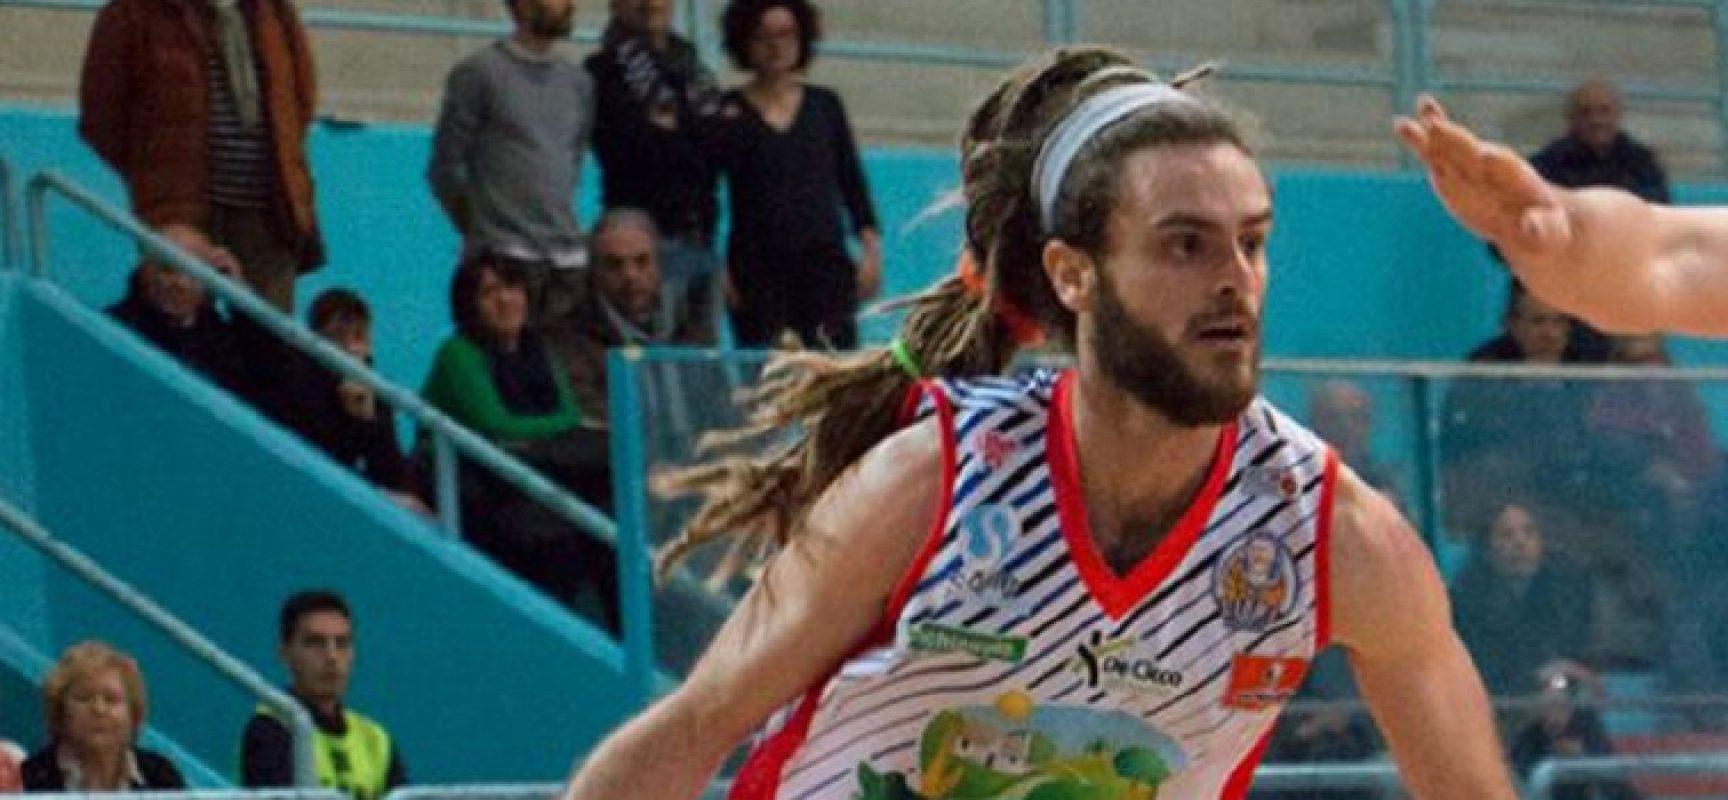 Basket, la Di Pinto Panifici espugna Porto Sant'Elpidio dopo un overtime